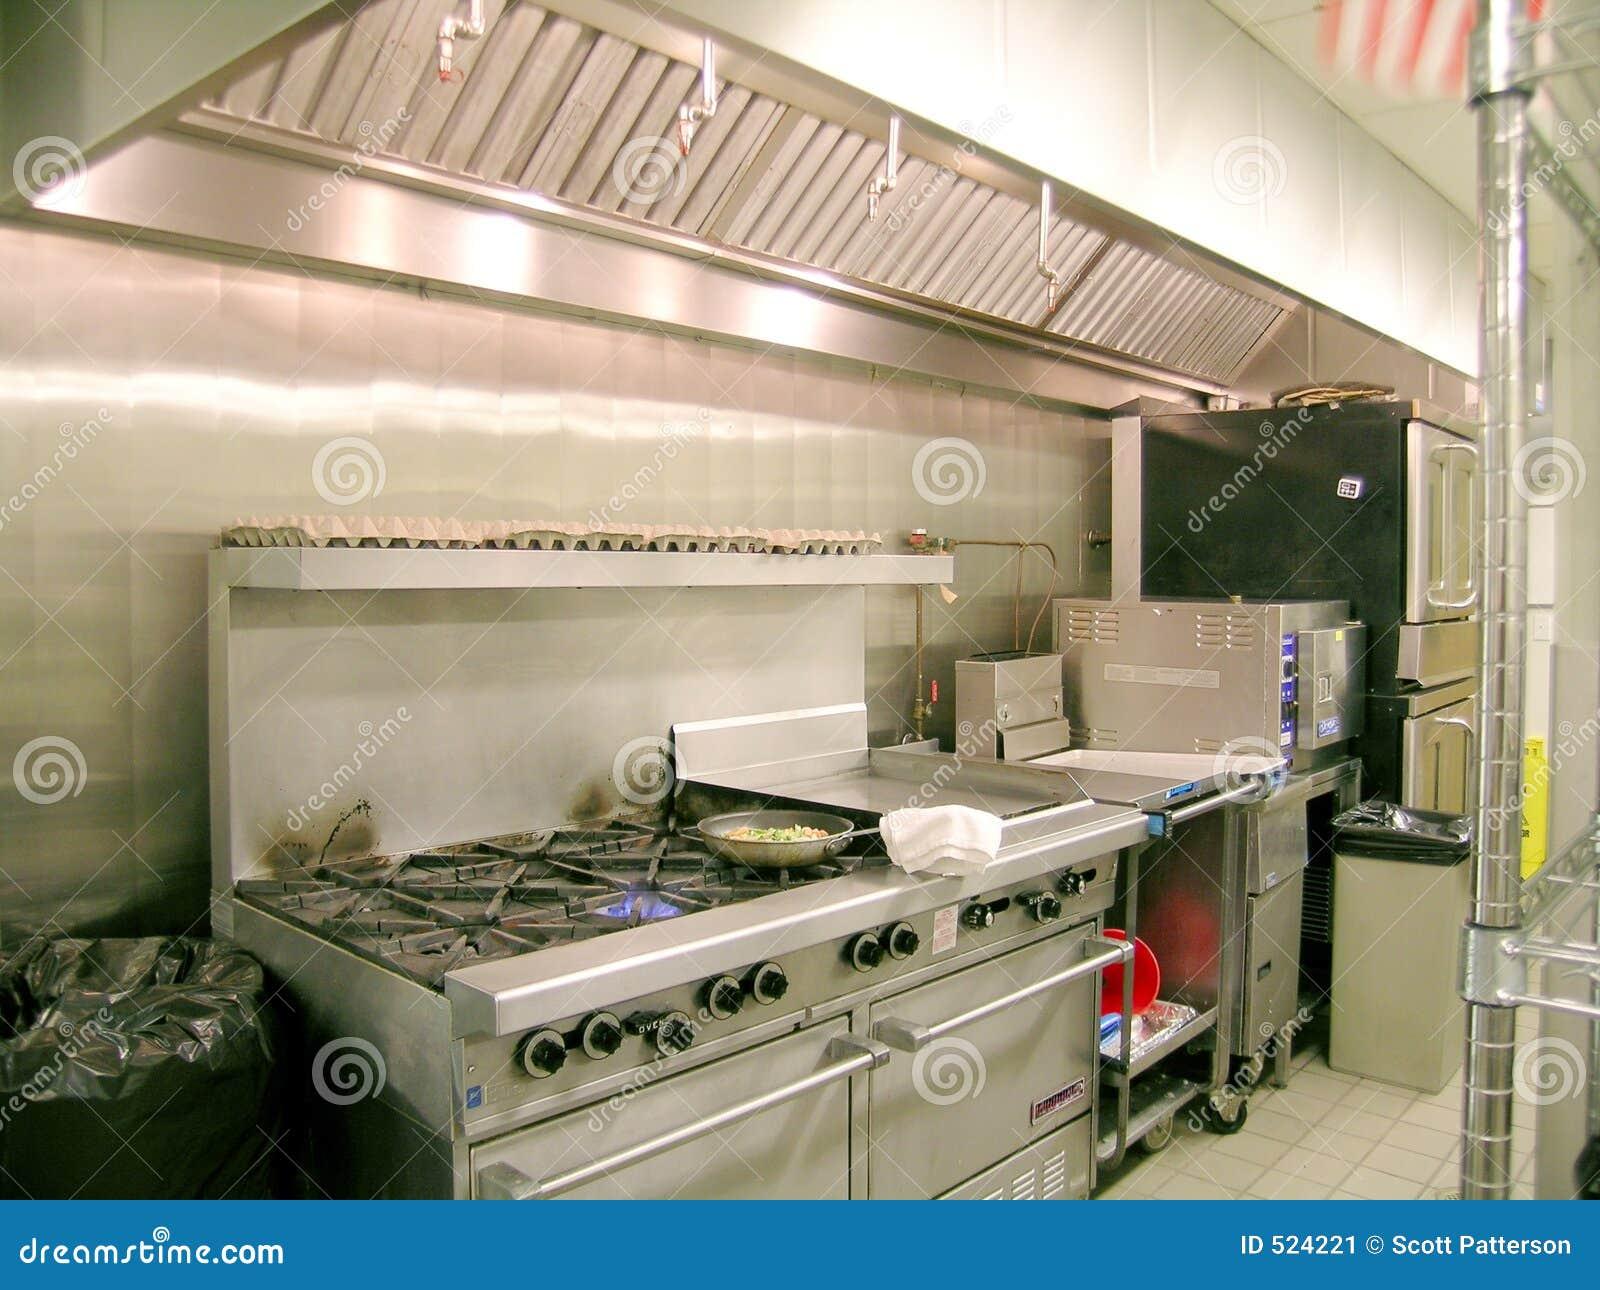 Linha Da Cozinha Industrial Imagem de Stock Imagem: 524221 #A4A724 1300 1065